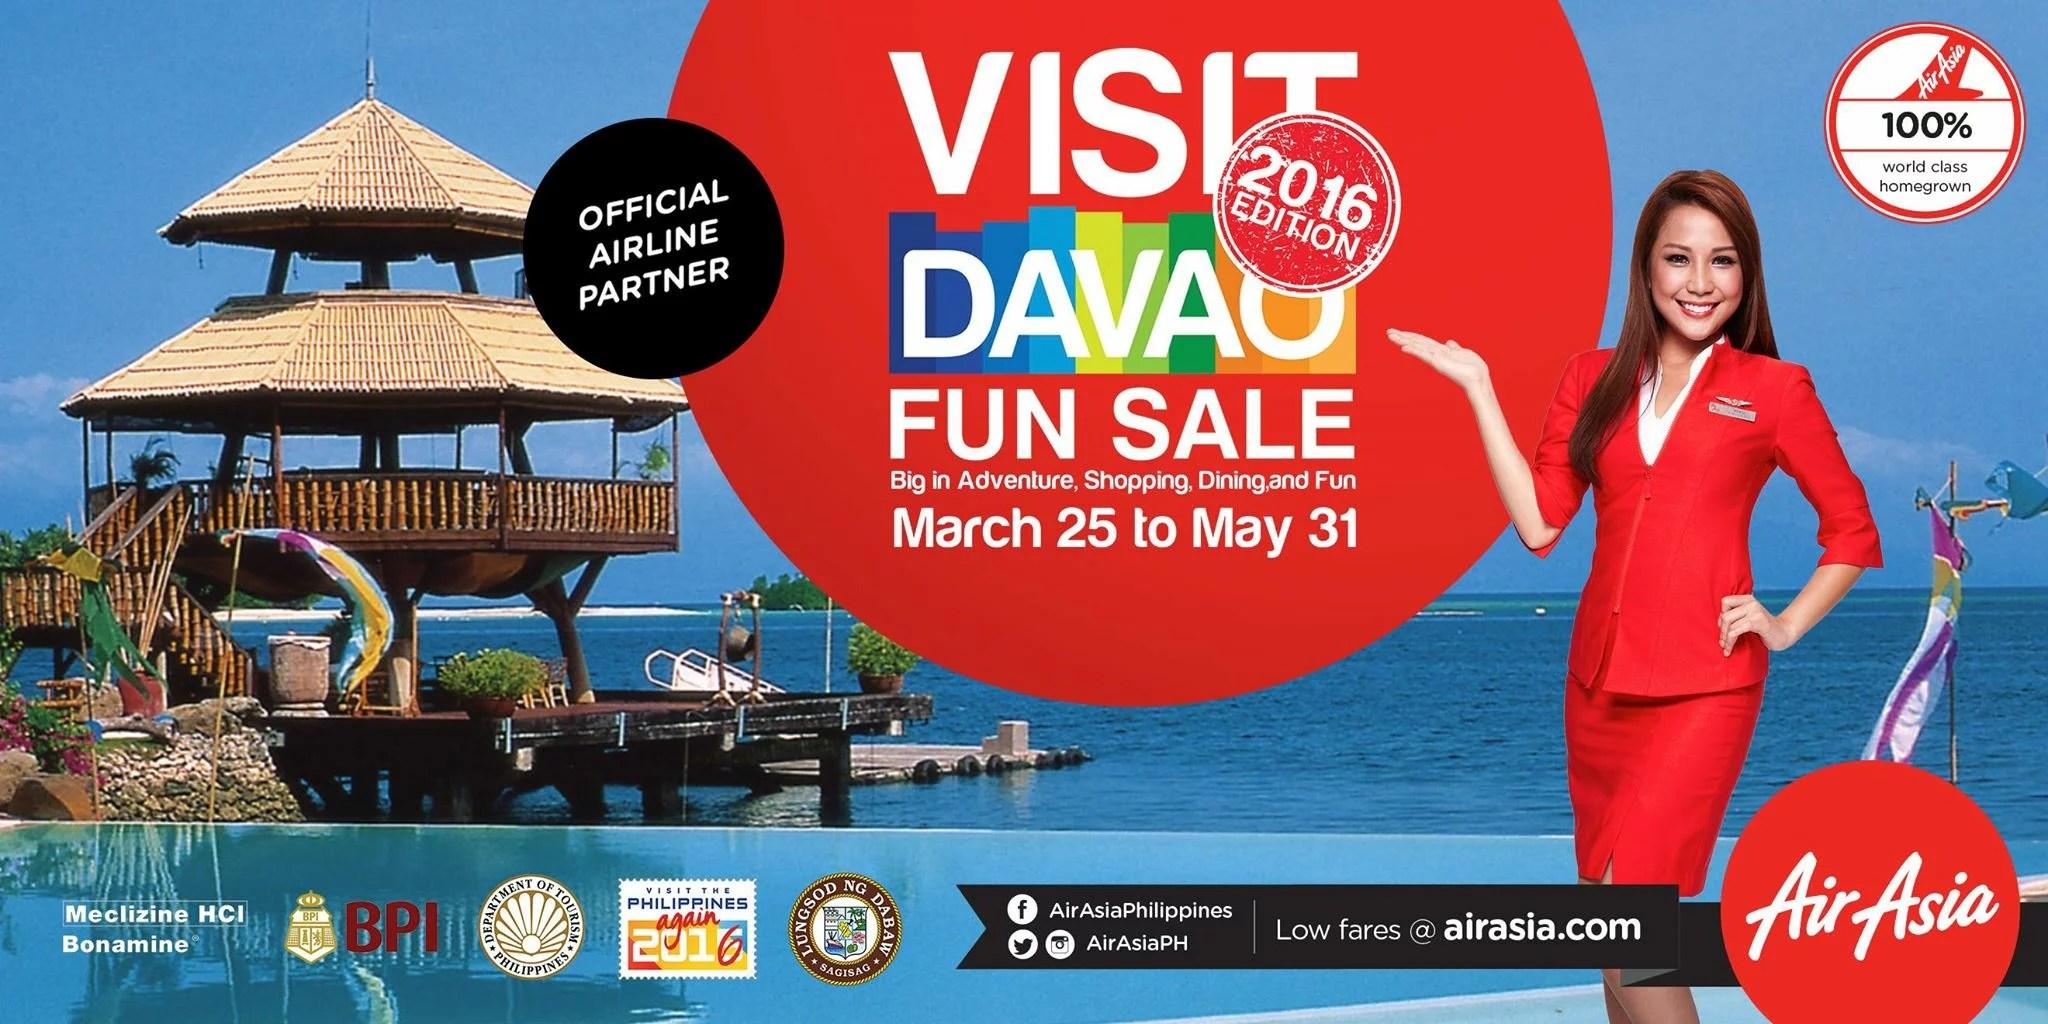 AirAsia - Davao